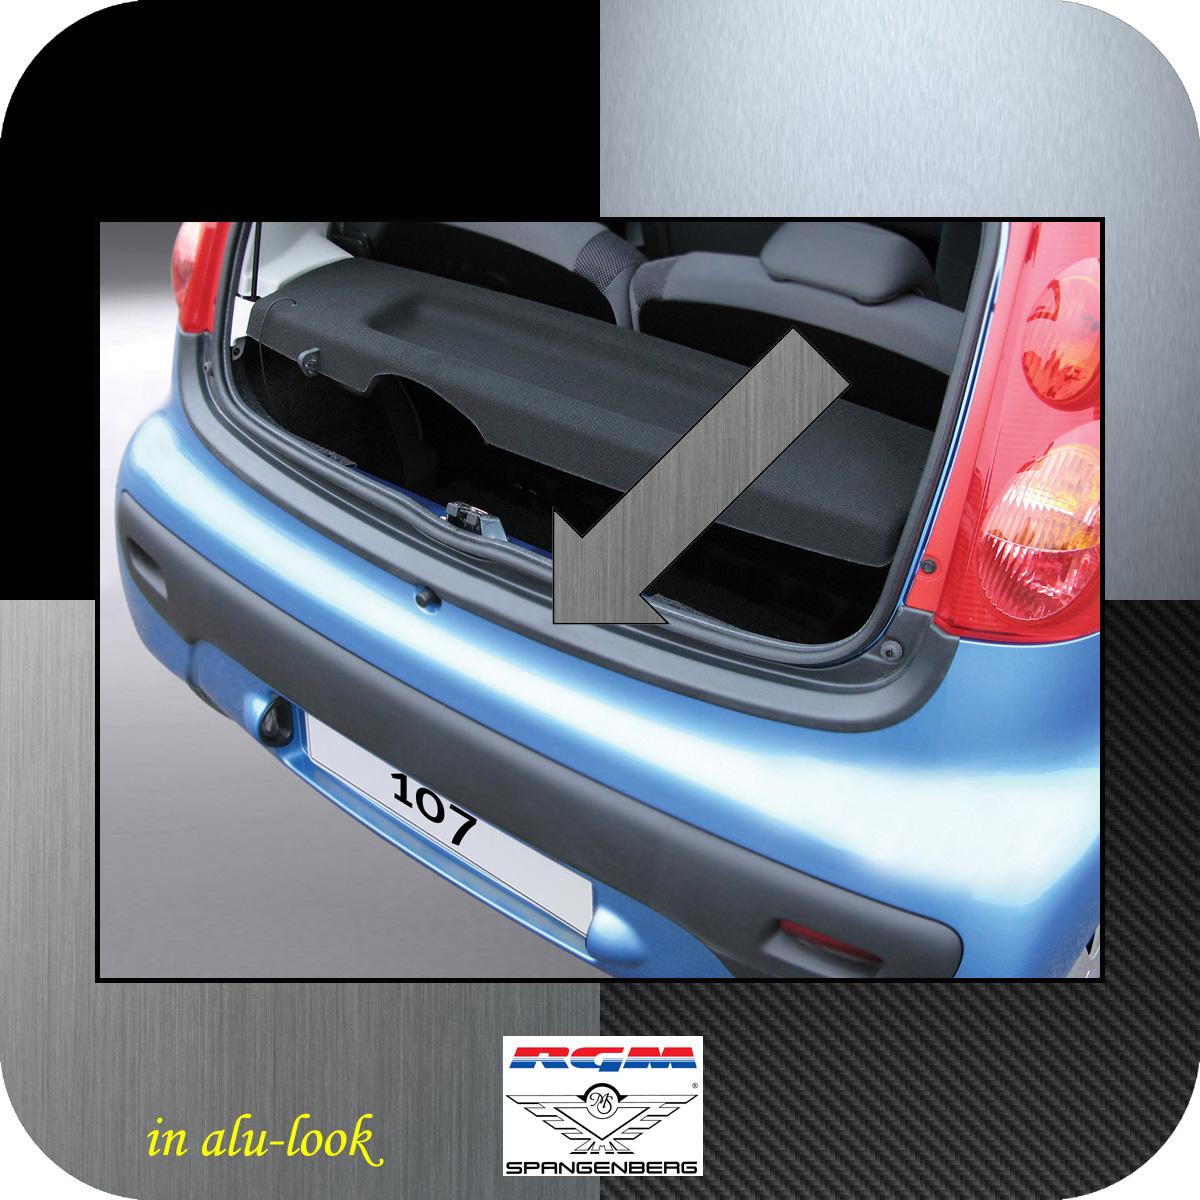 Ladekantenschutz Alu-Look Peugeot 107 Schrägheck ab Baujahr 2005- 3504290